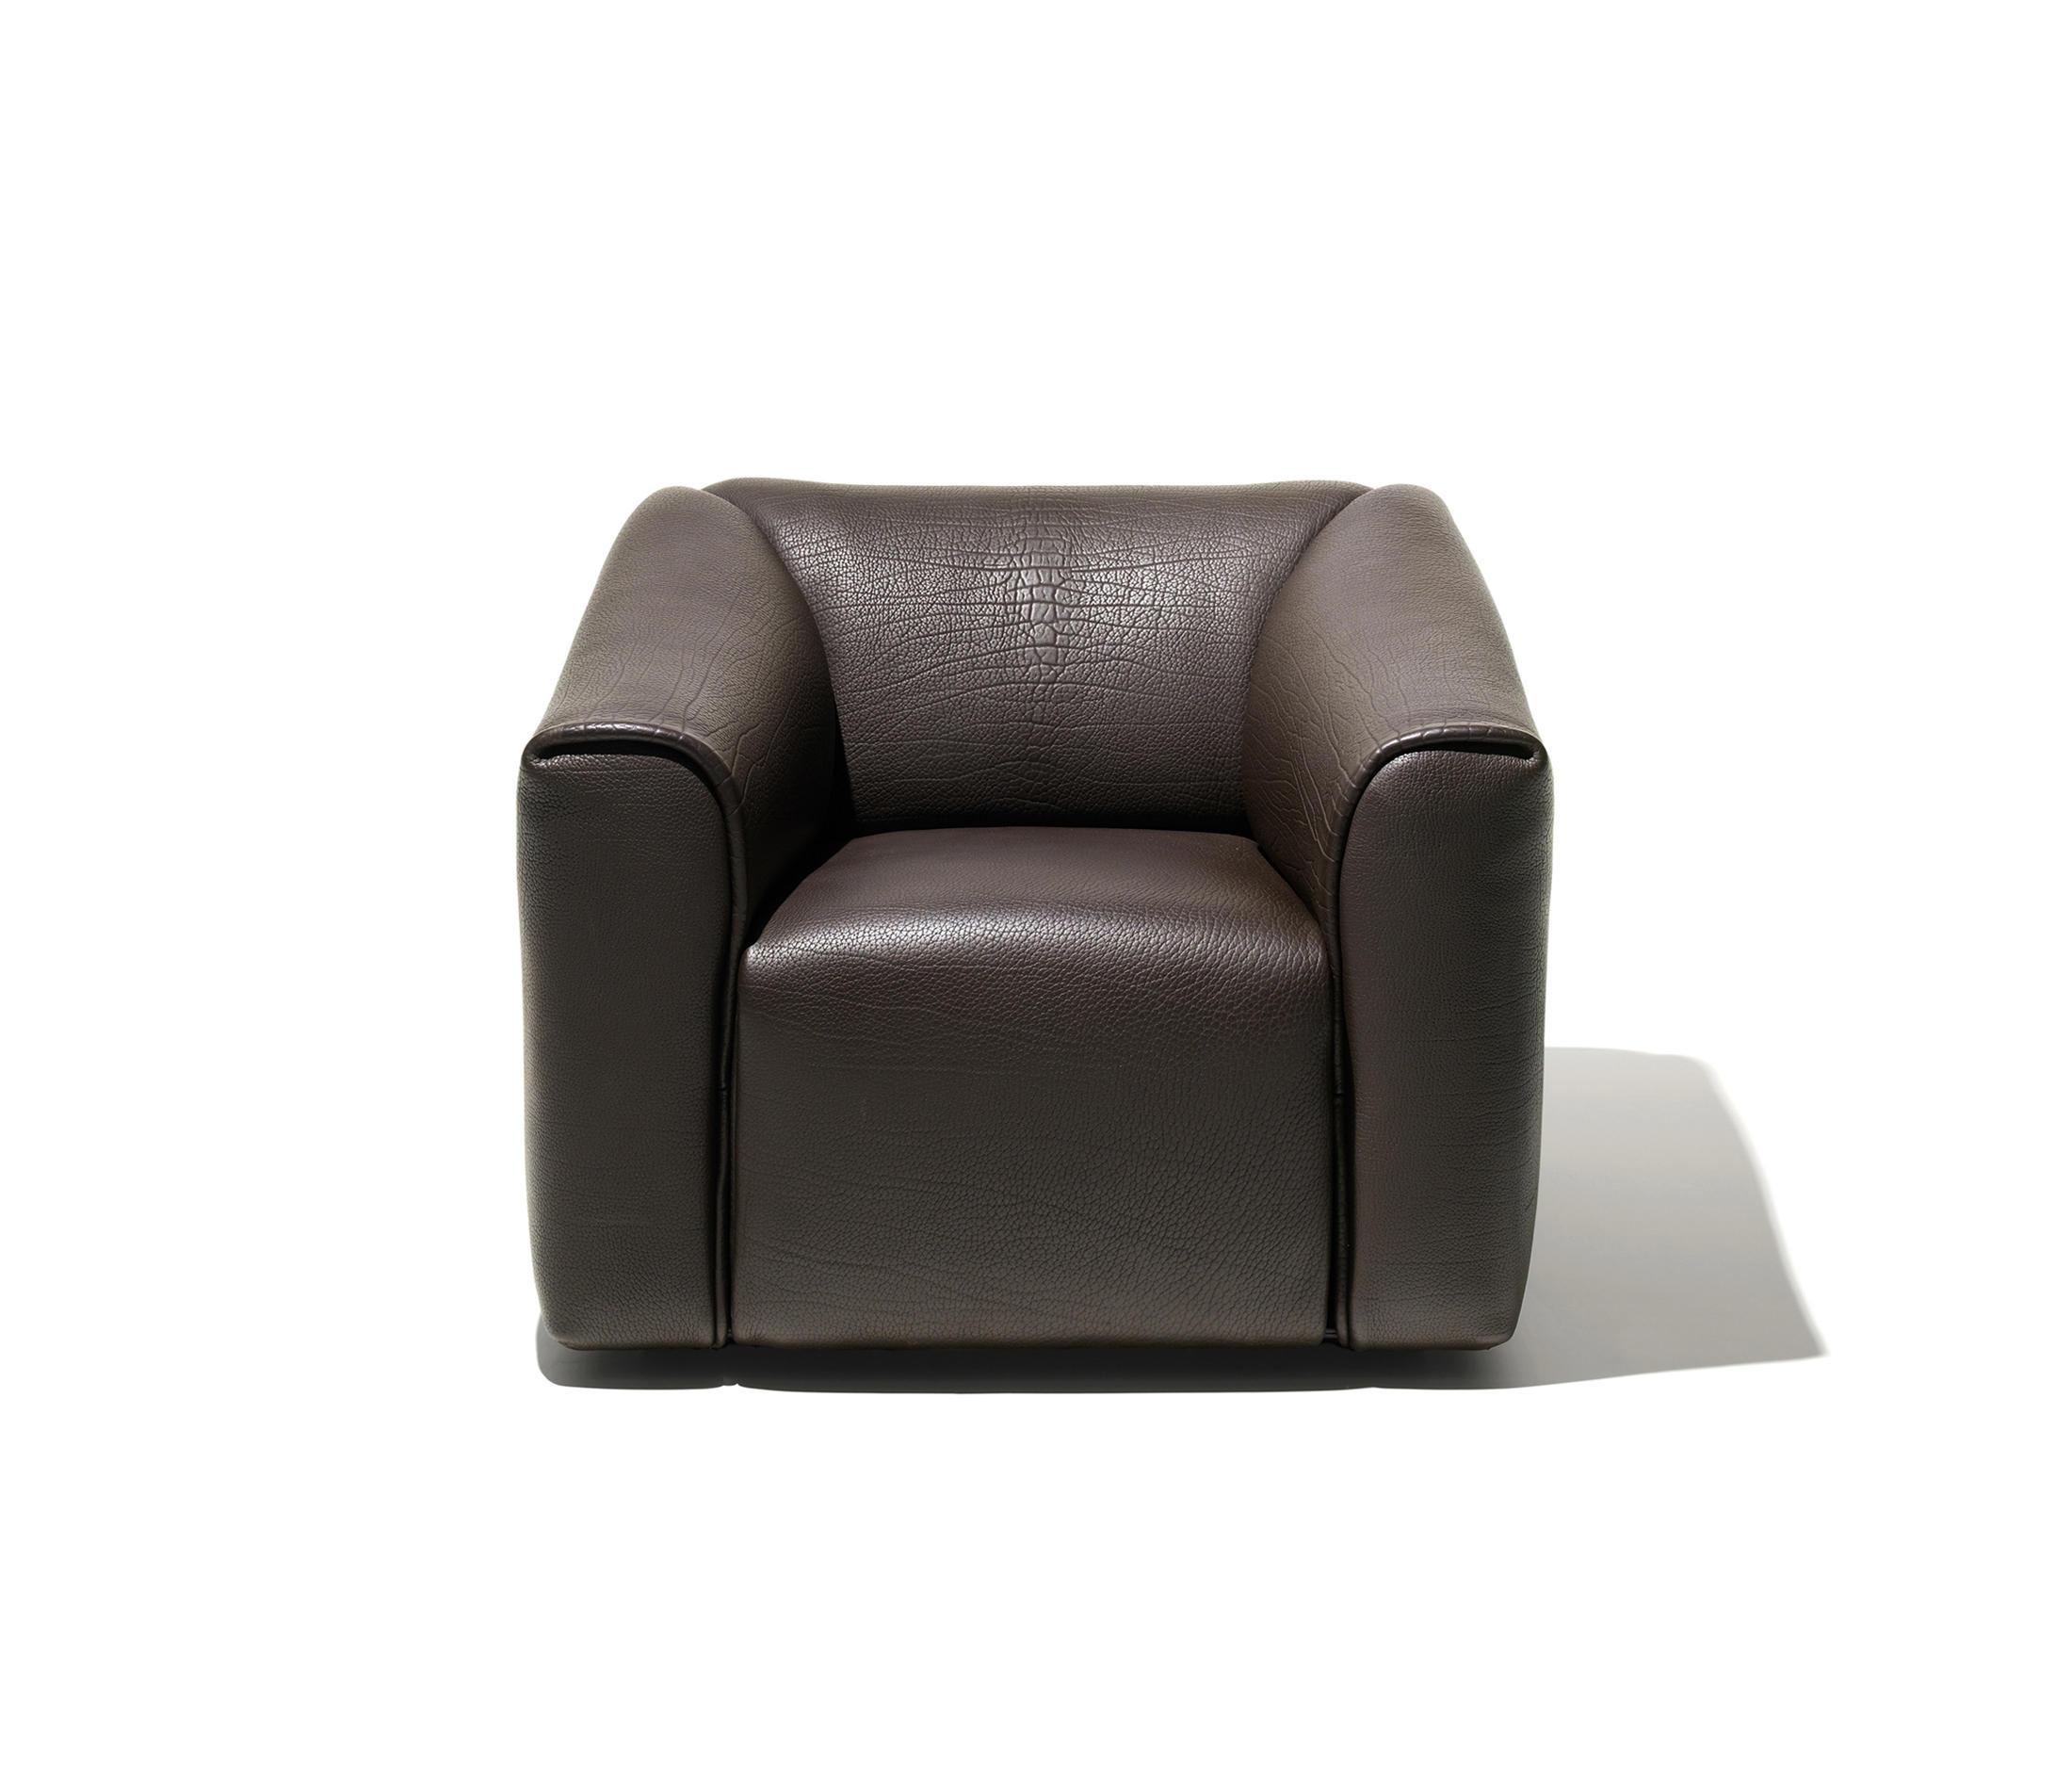 ds 47 fauteuils d 39 attente de de sede architonic. Black Bedroom Furniture Sets. Home Design Ideas